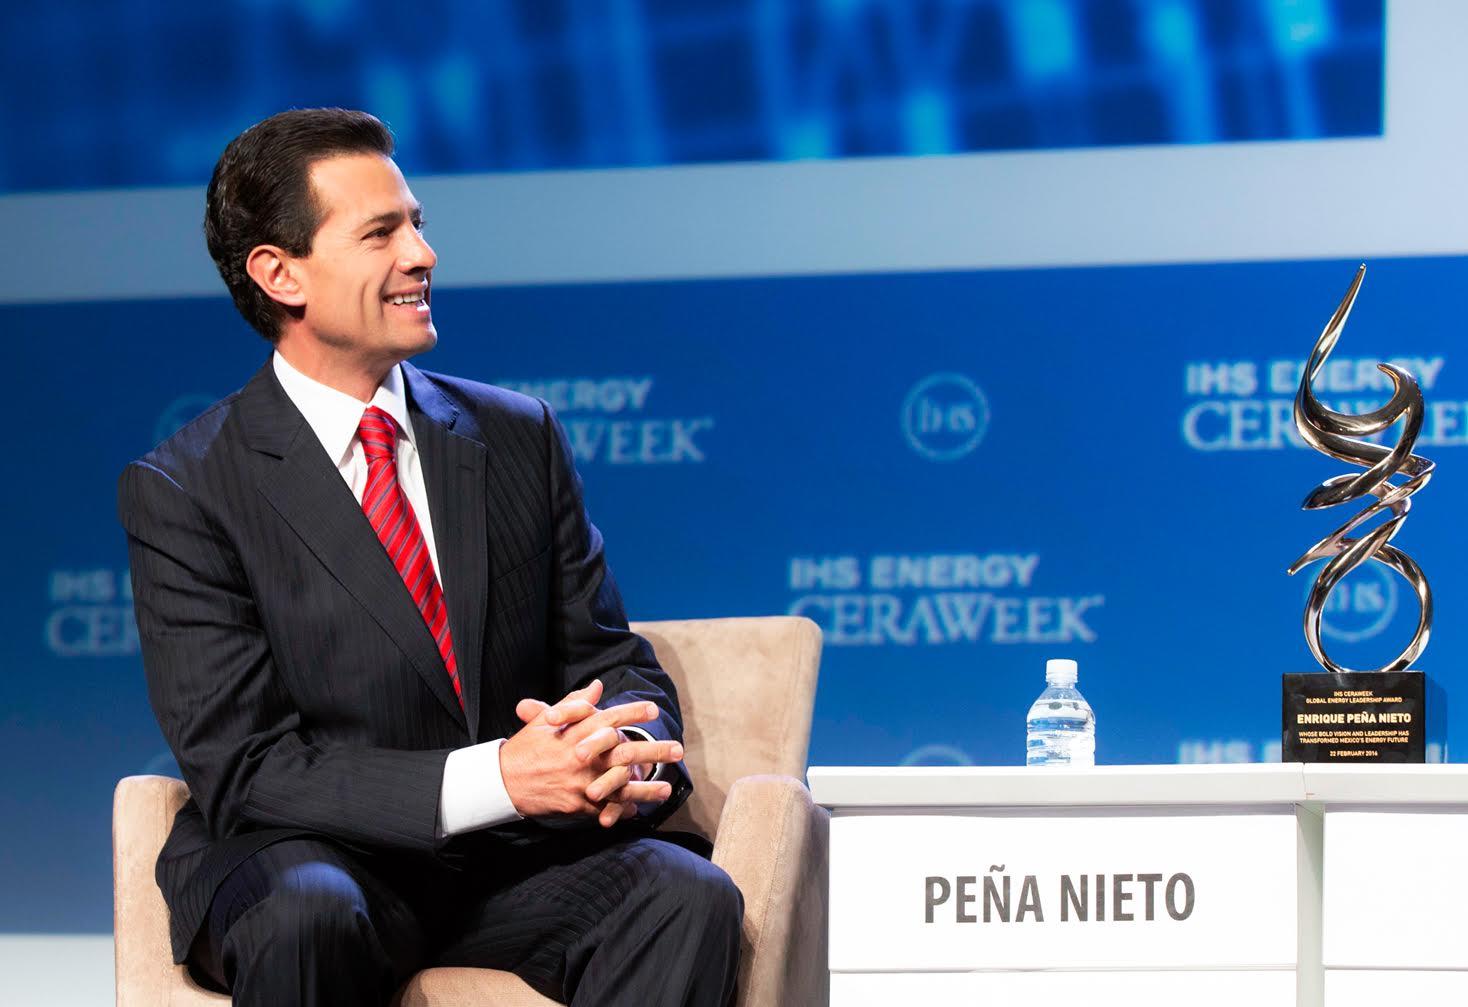 El Primer Mandatario recibió el premio IHS CERAWeek Global Energy Lifetime Achievement Award en reconocimiento a su visión y liderazgo para transformar la industria energética mexicana.